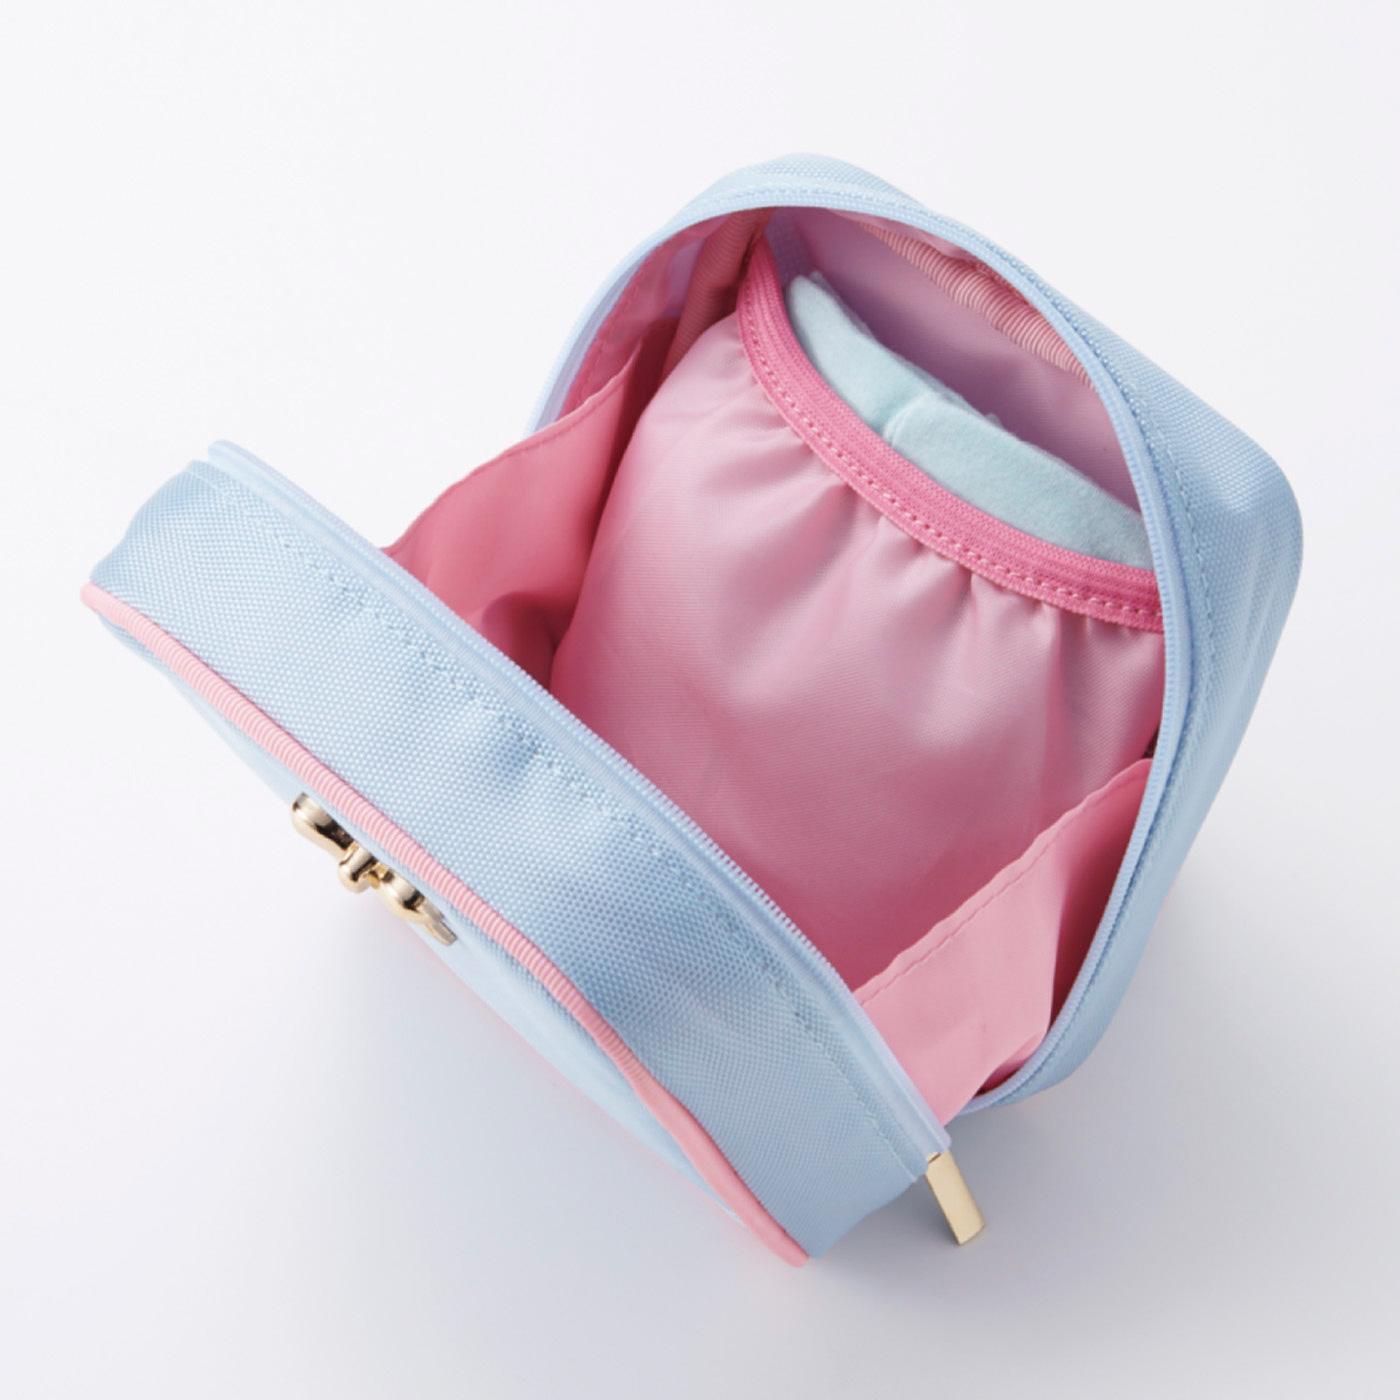 内側のポケットには、予備のショーツを忍ばせて。